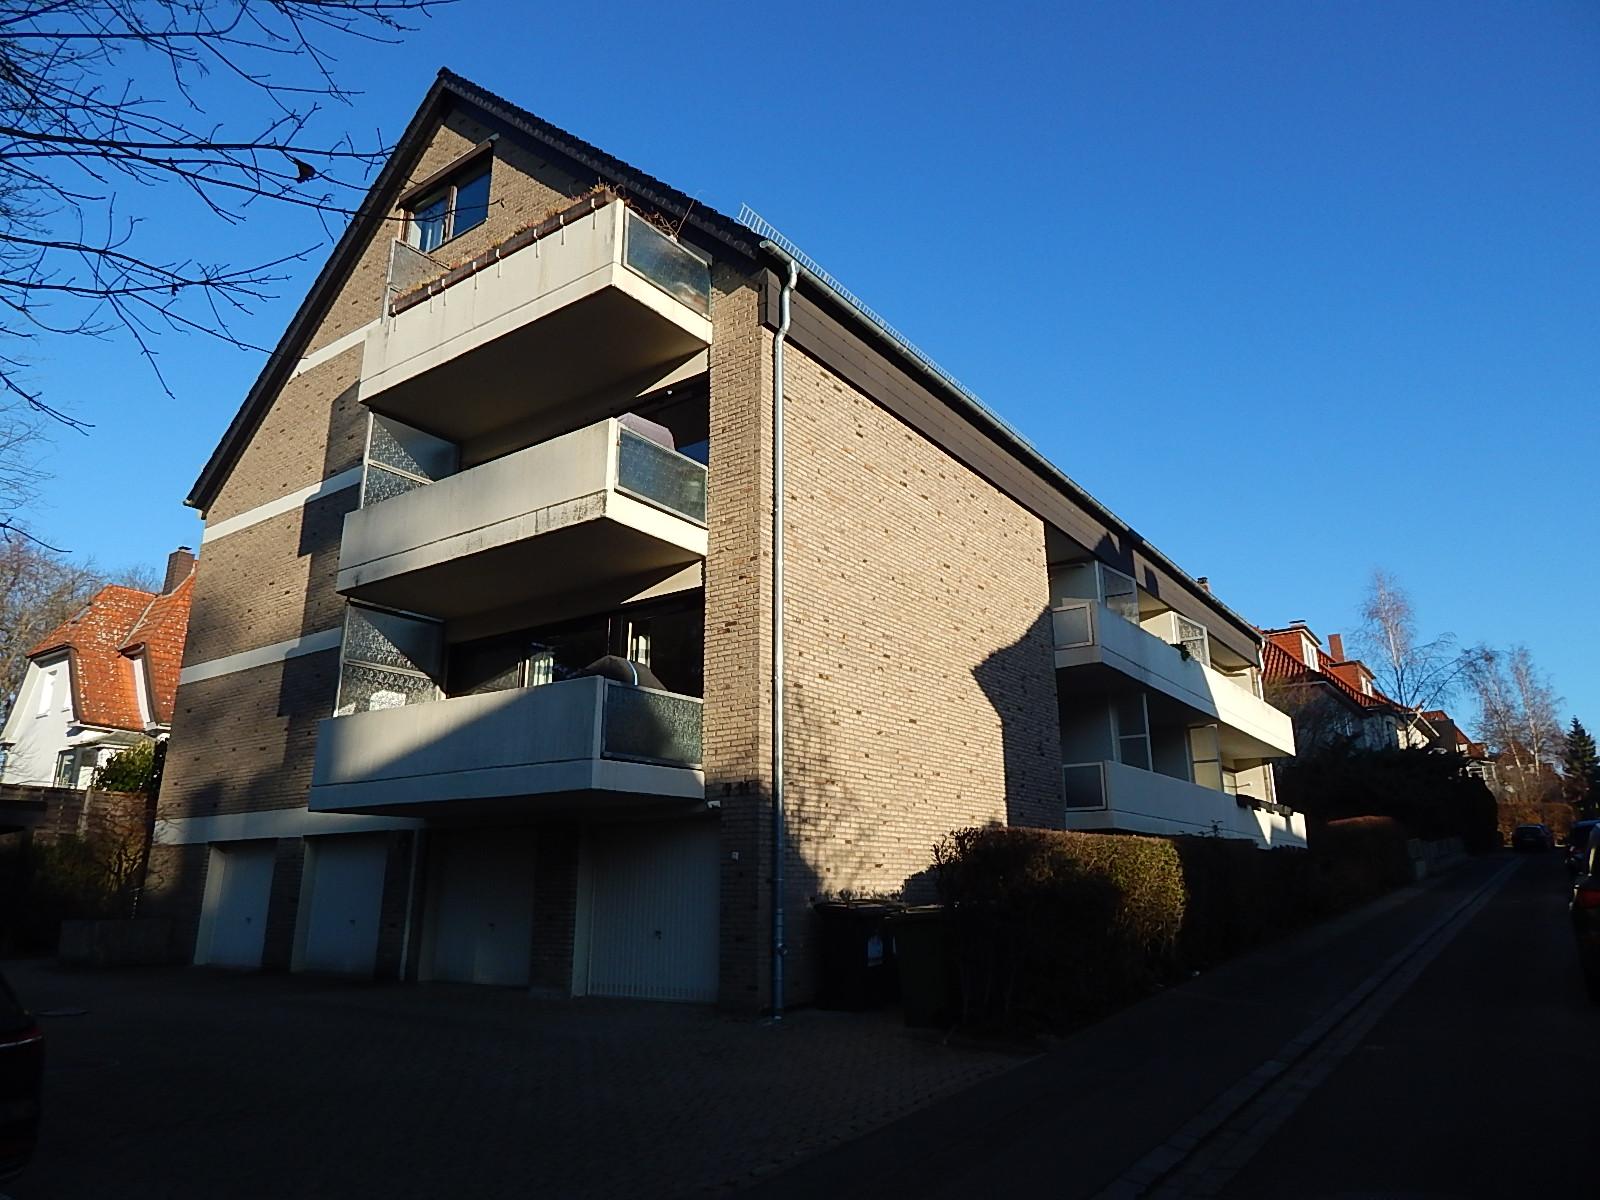 Wohnen im Ostviertel! 2-Zimmerwohnungca. 66m² mit überdachter Loggia!